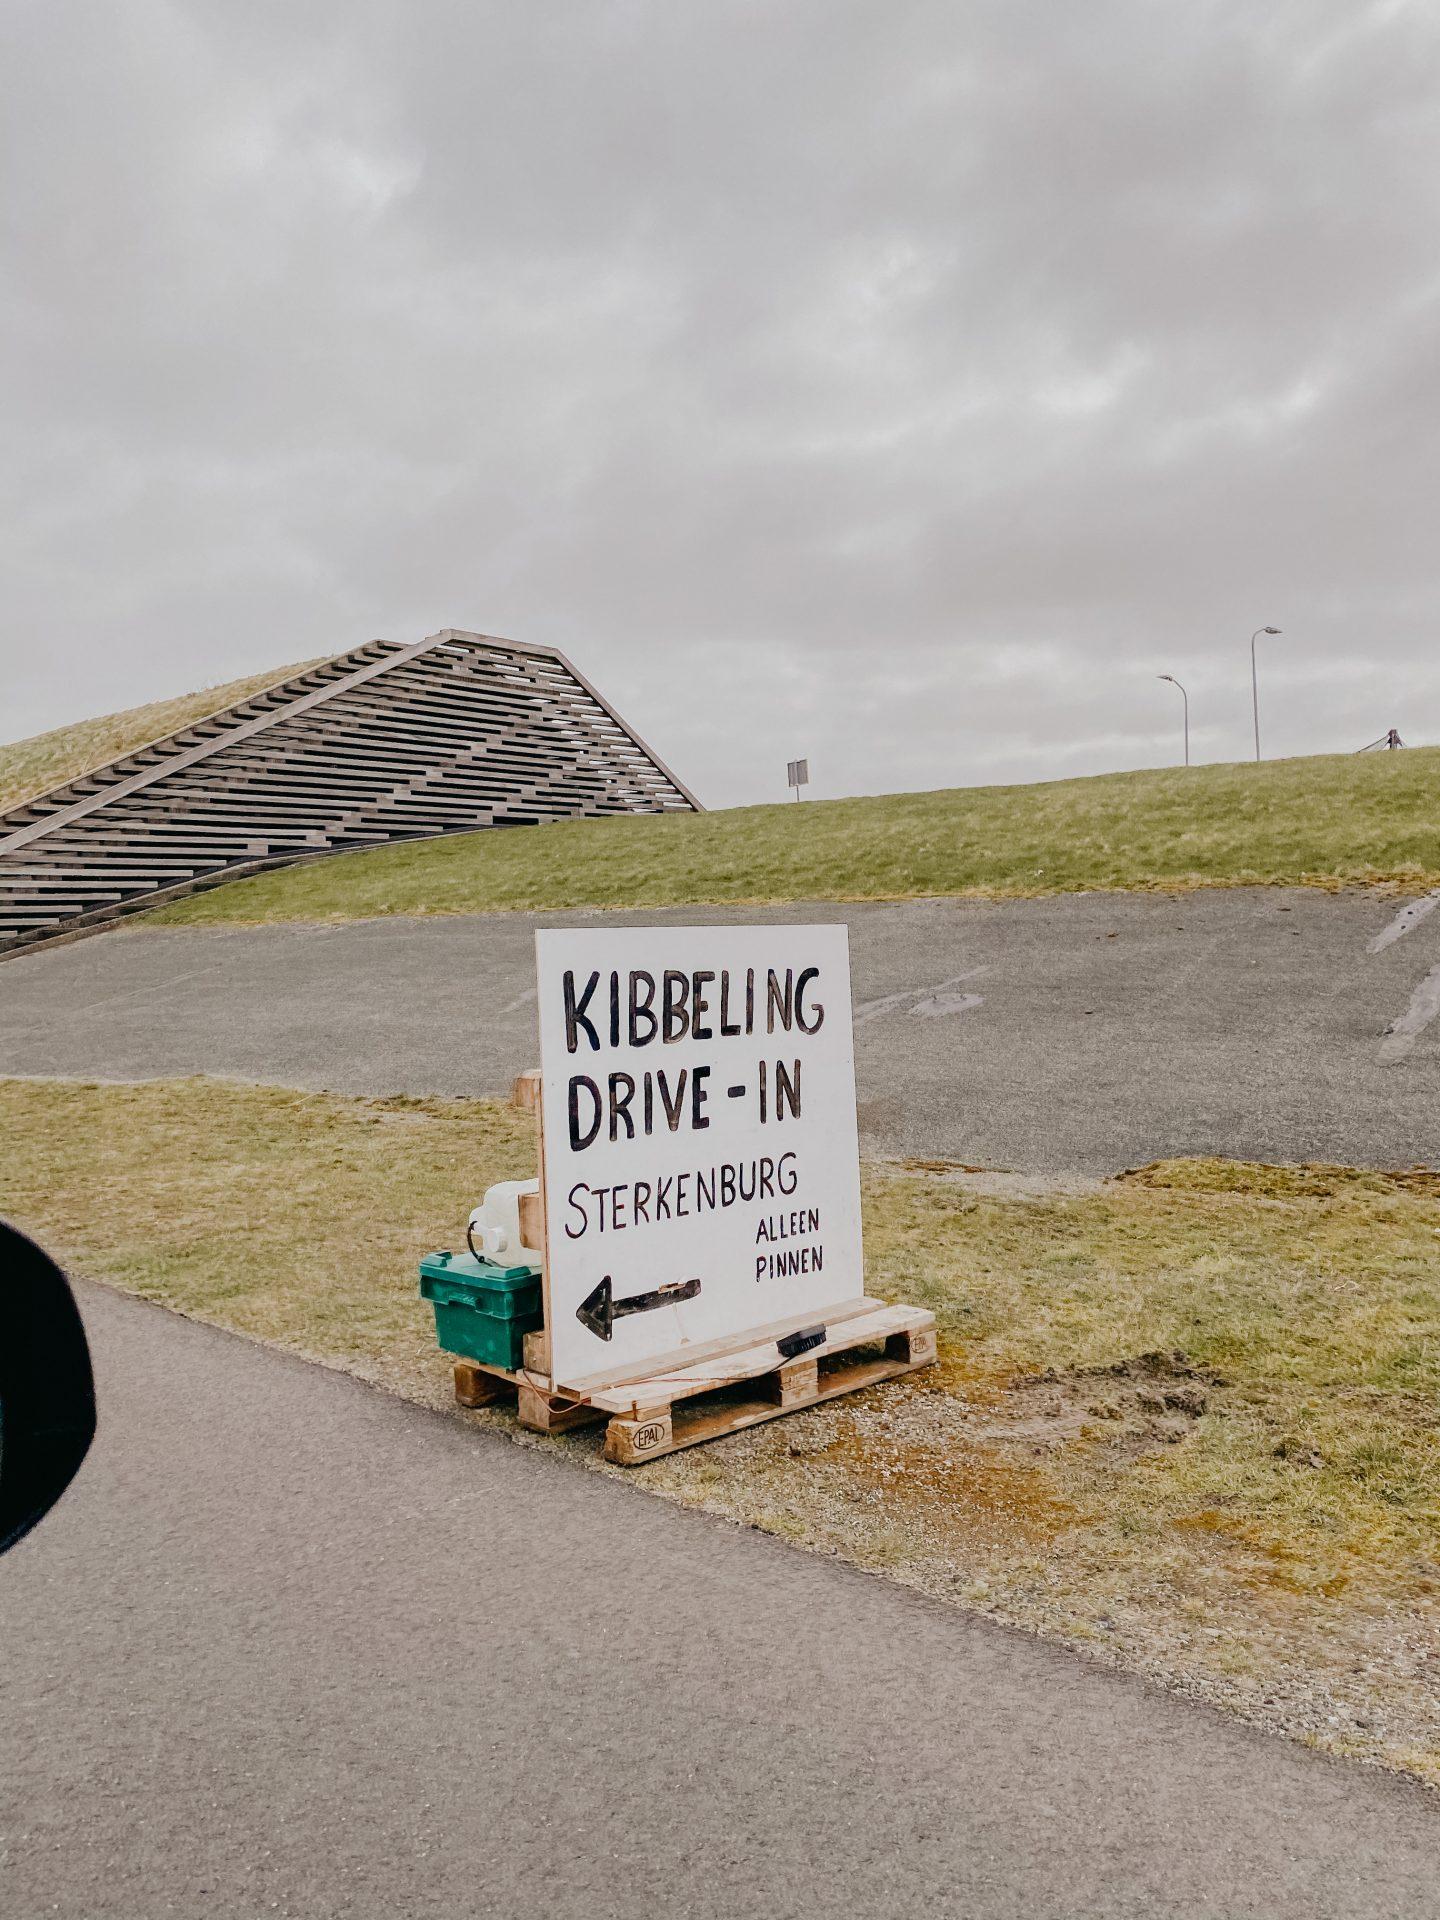 kibbeling drive in sterkenburg lauwersoog